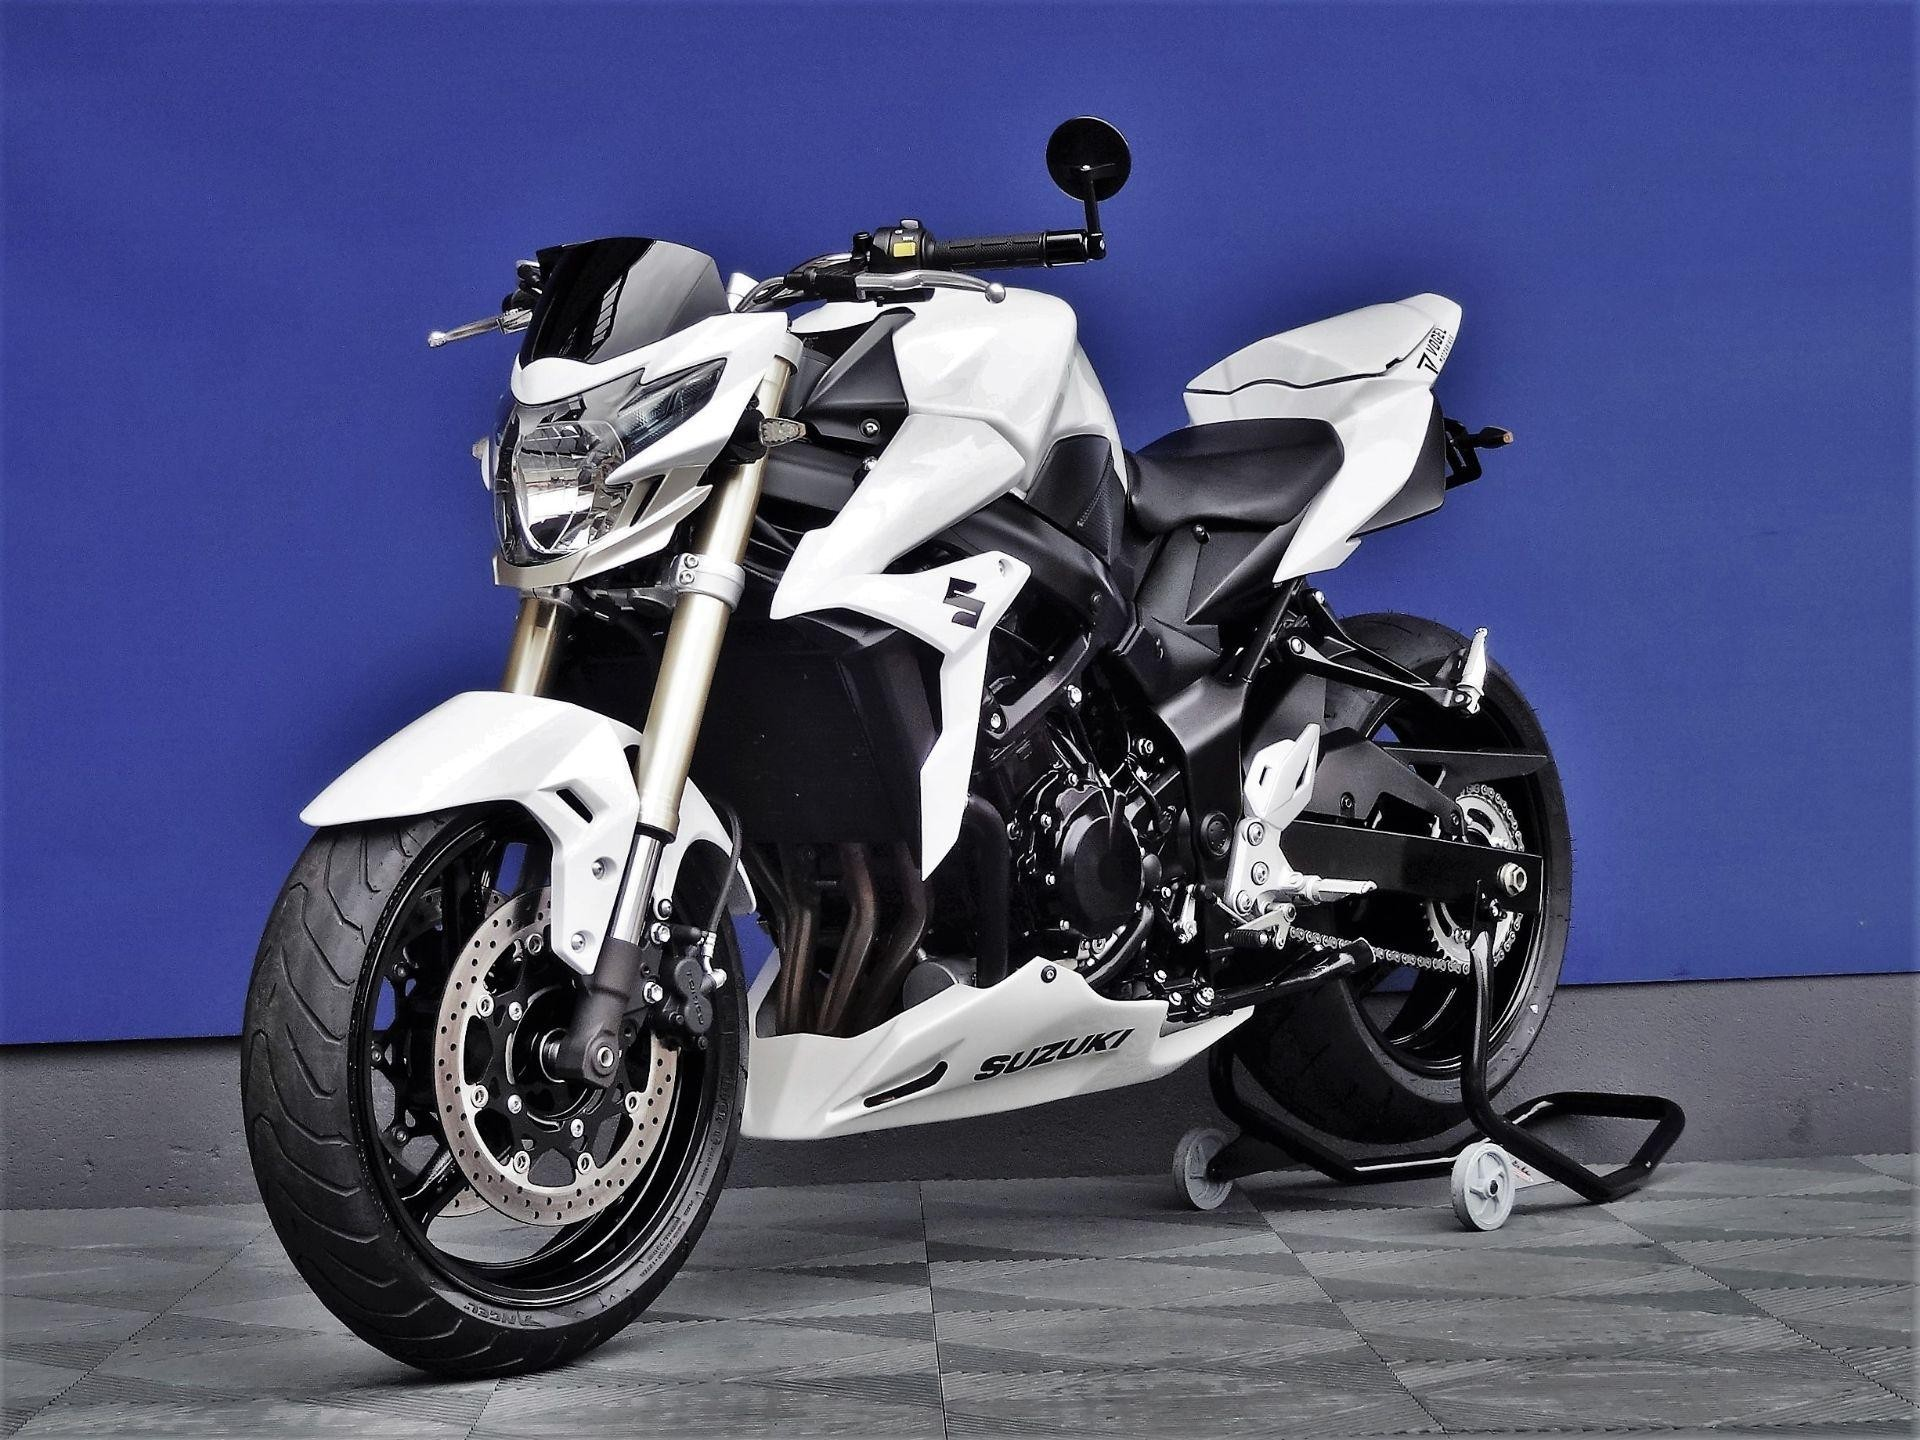 suzuki gsr 750 yoshimura vogel motorbikes sch pfheim occasions. Black Bedroom Furniture Sets. Home Design Ideas